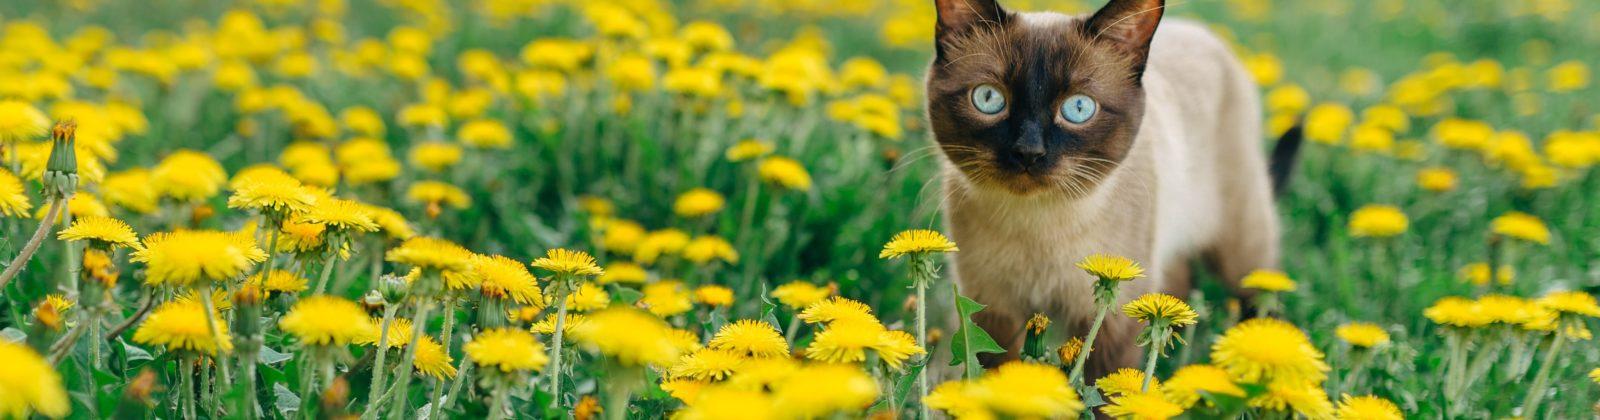 is it safe kitten outdoors